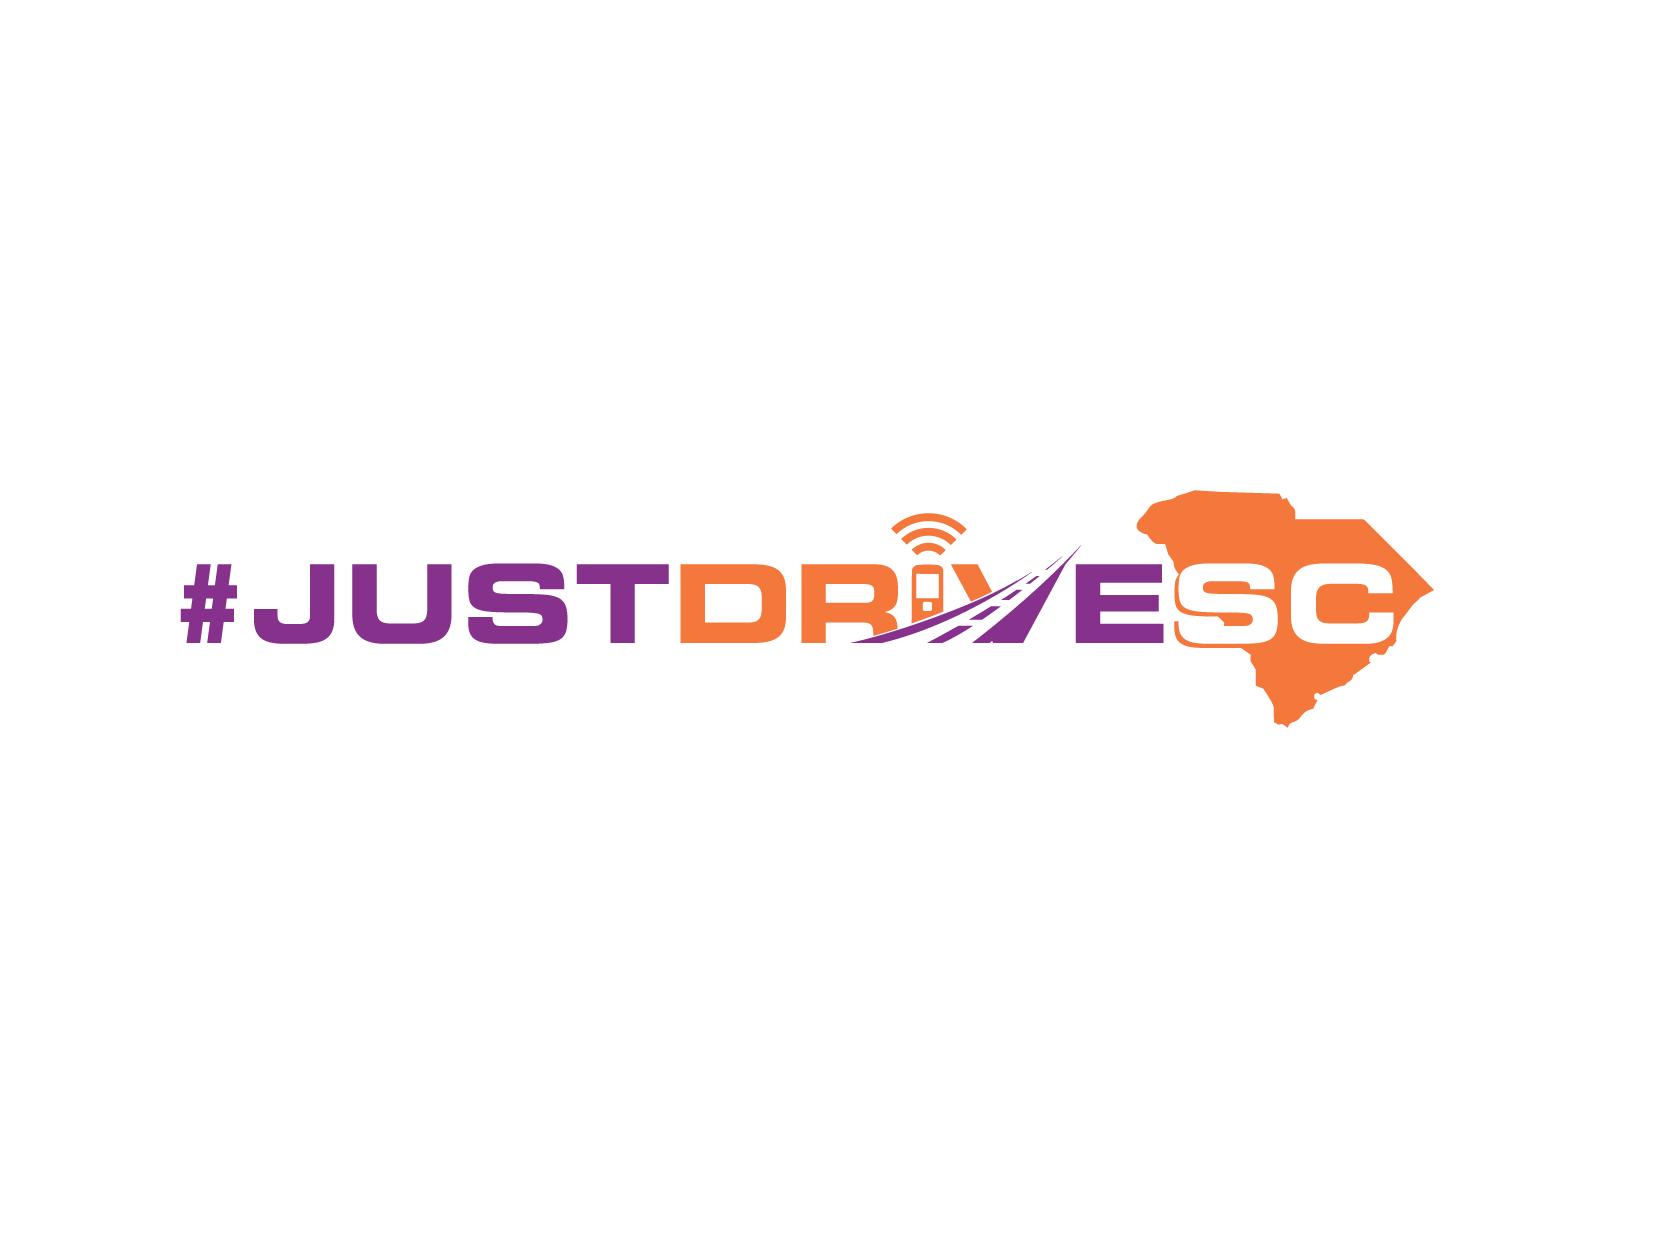 JustDriveSC